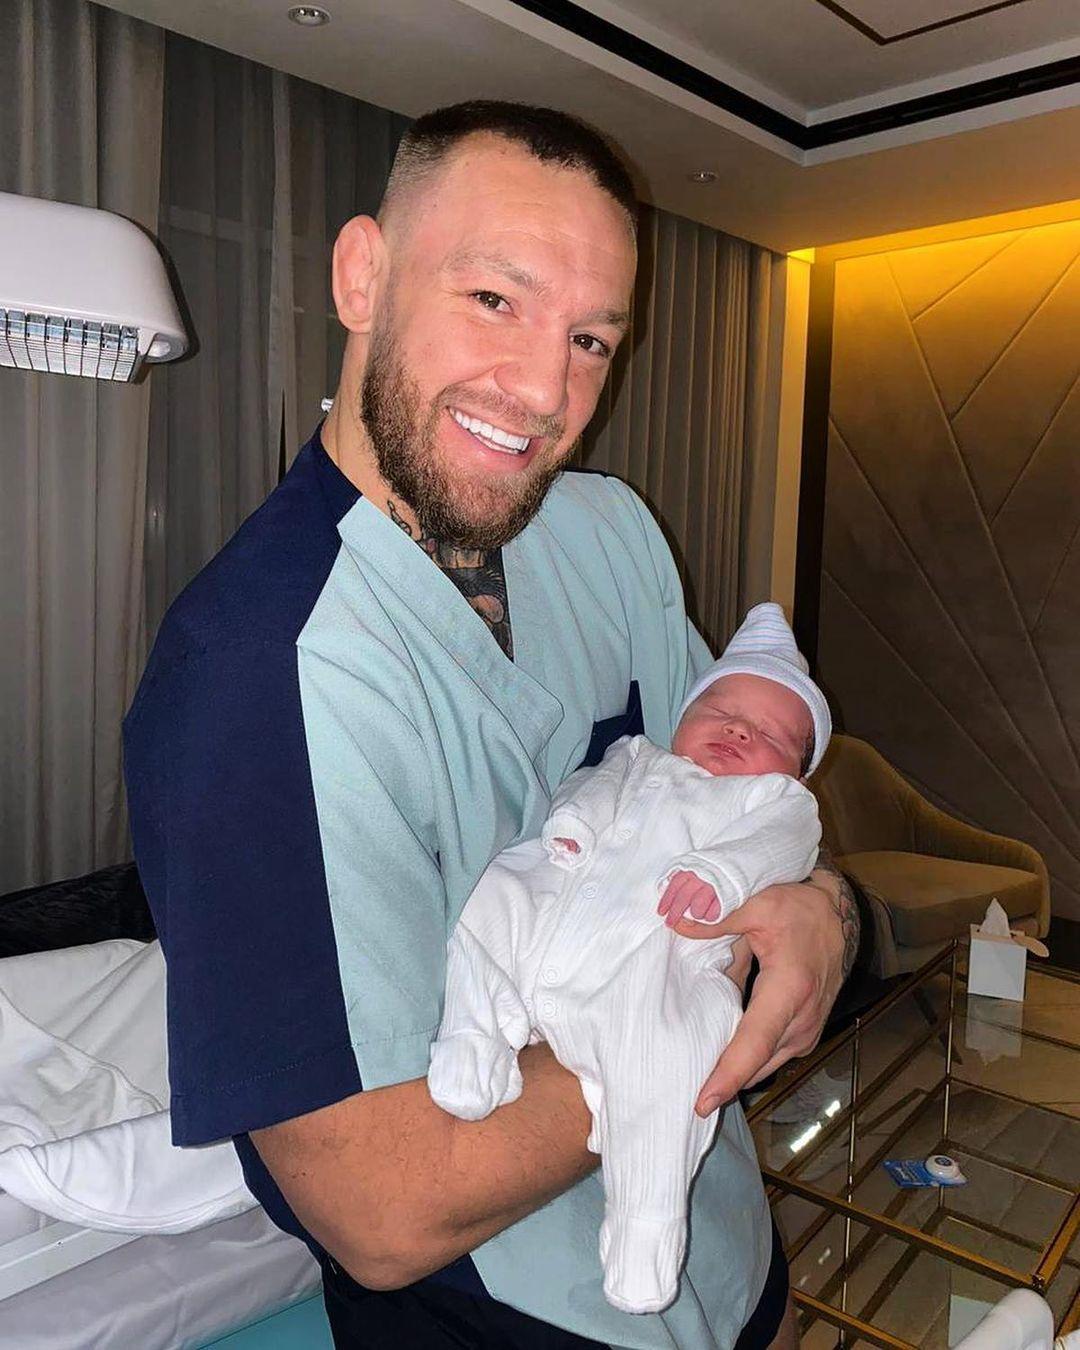 Макгрегор снова стал отцом / фото instagram.com/thenotoriousmma1